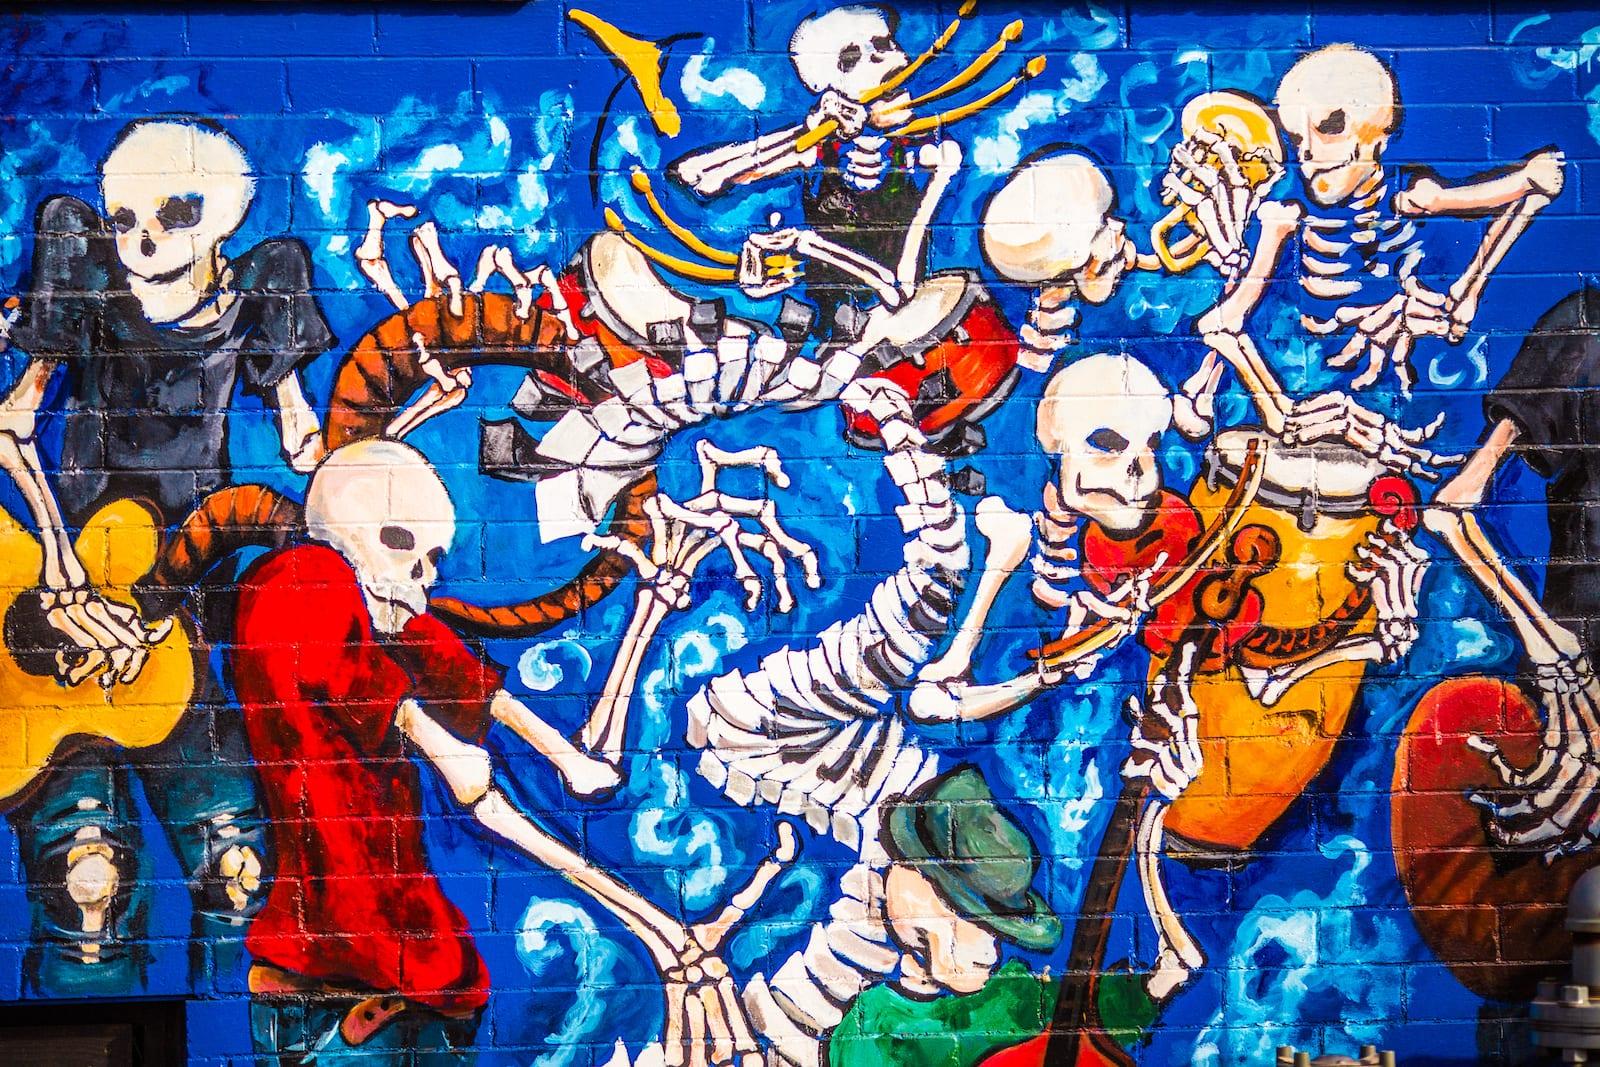 Grateful Dead Mural of Skeleton Band Denver Colorado